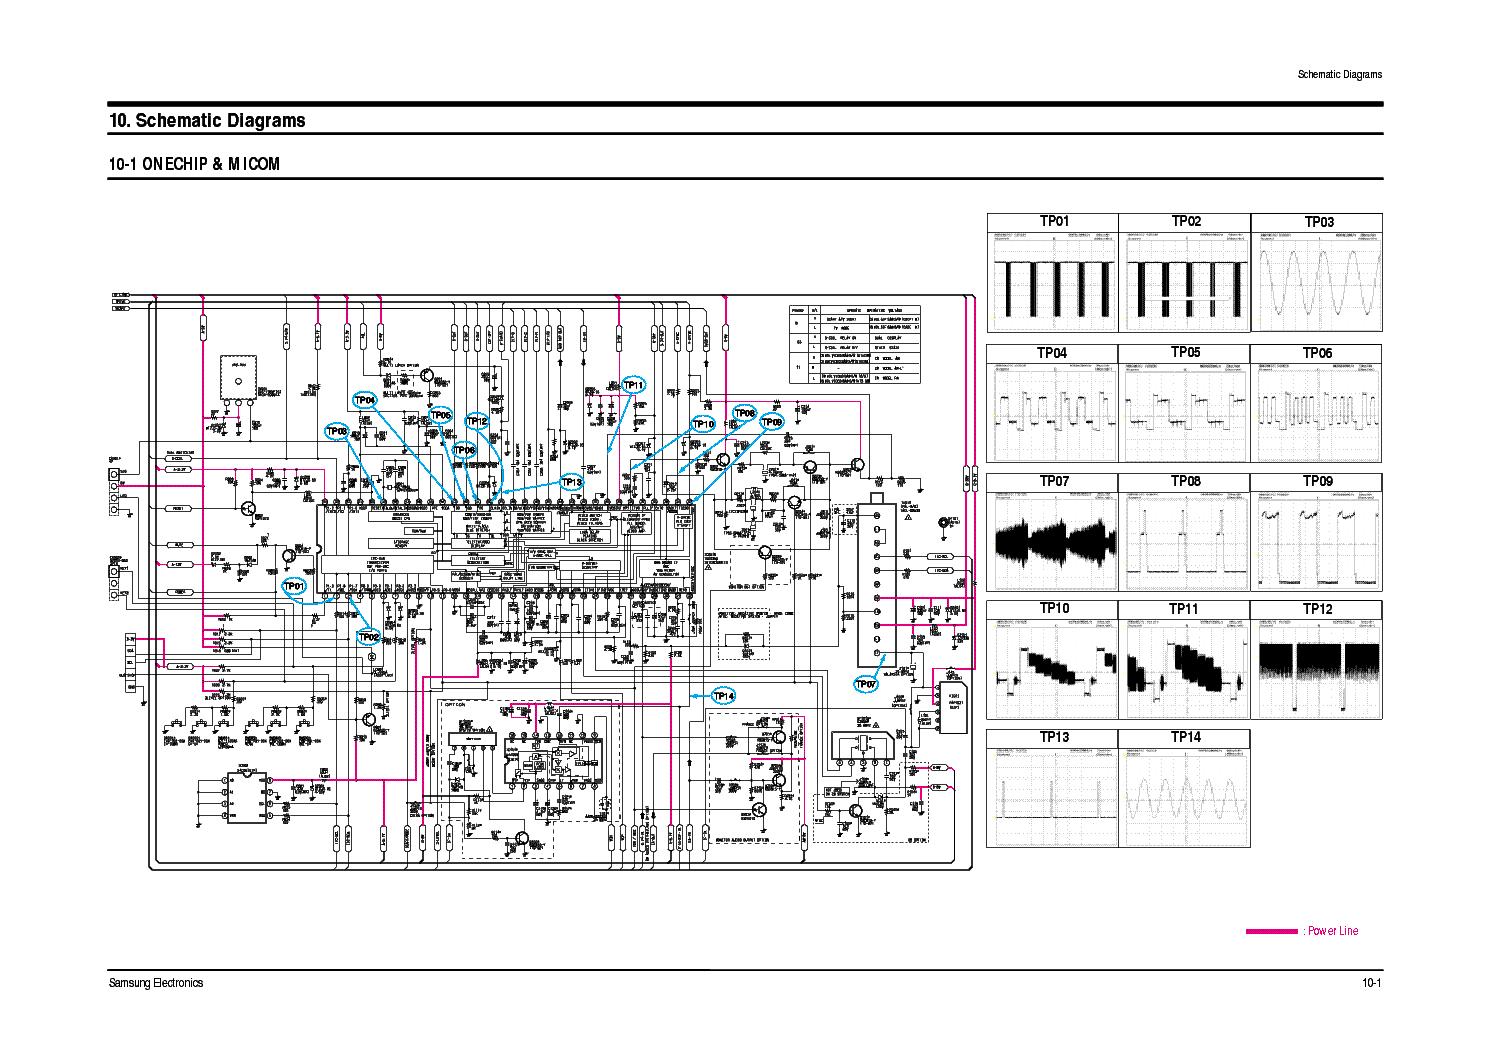 Принципиальная схема самсунг телевизора 15 duima bespltno